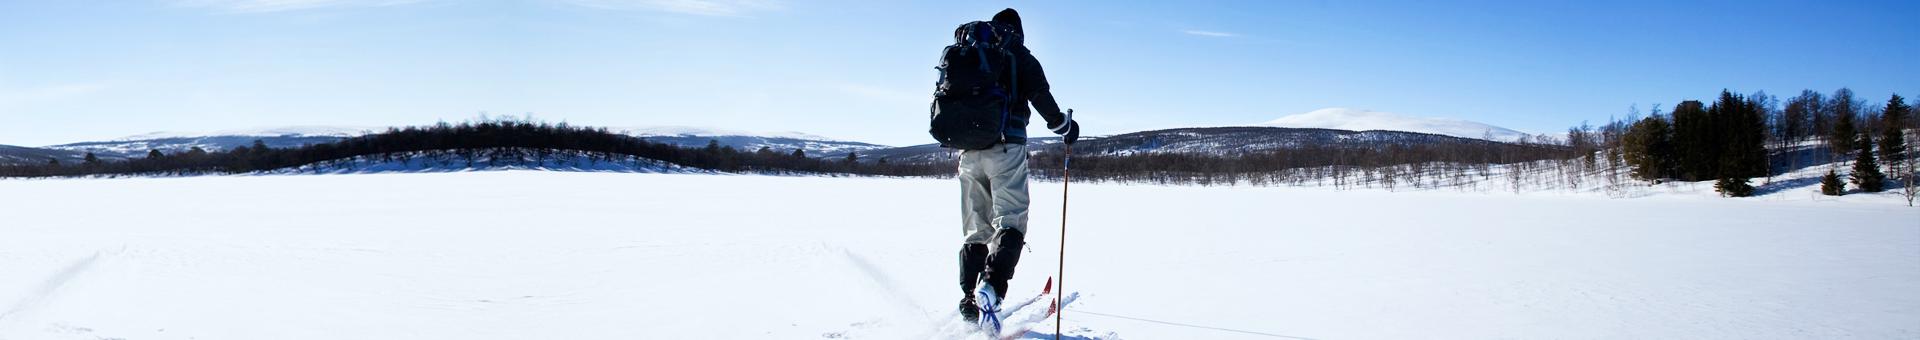 Nordic Touring Skis